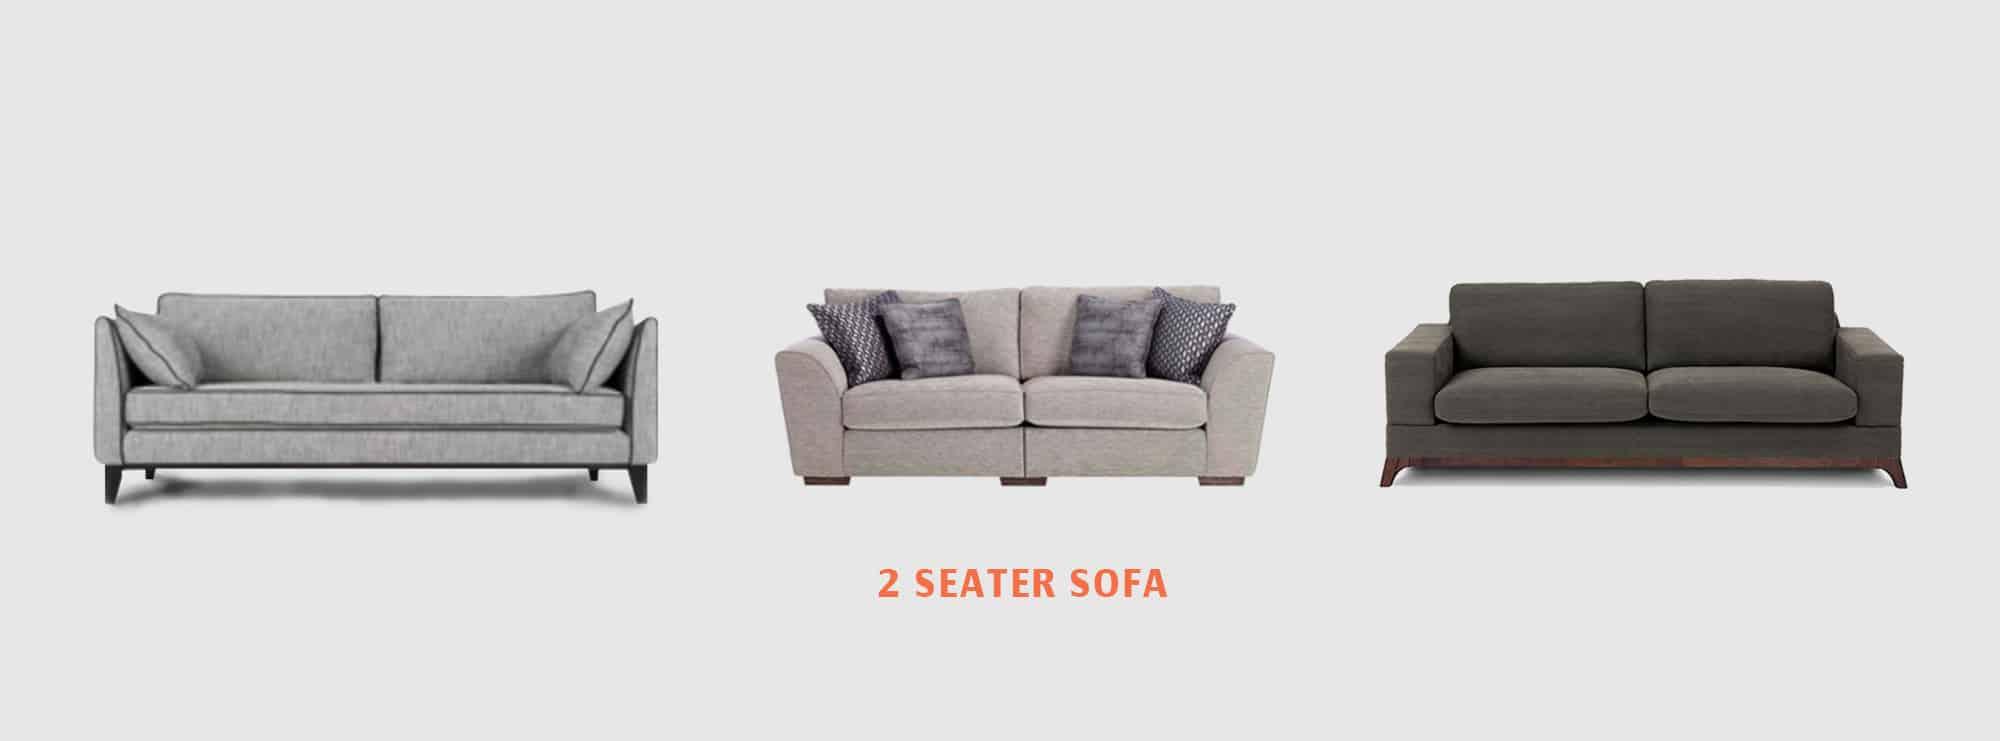 2-seater-sofa chennai